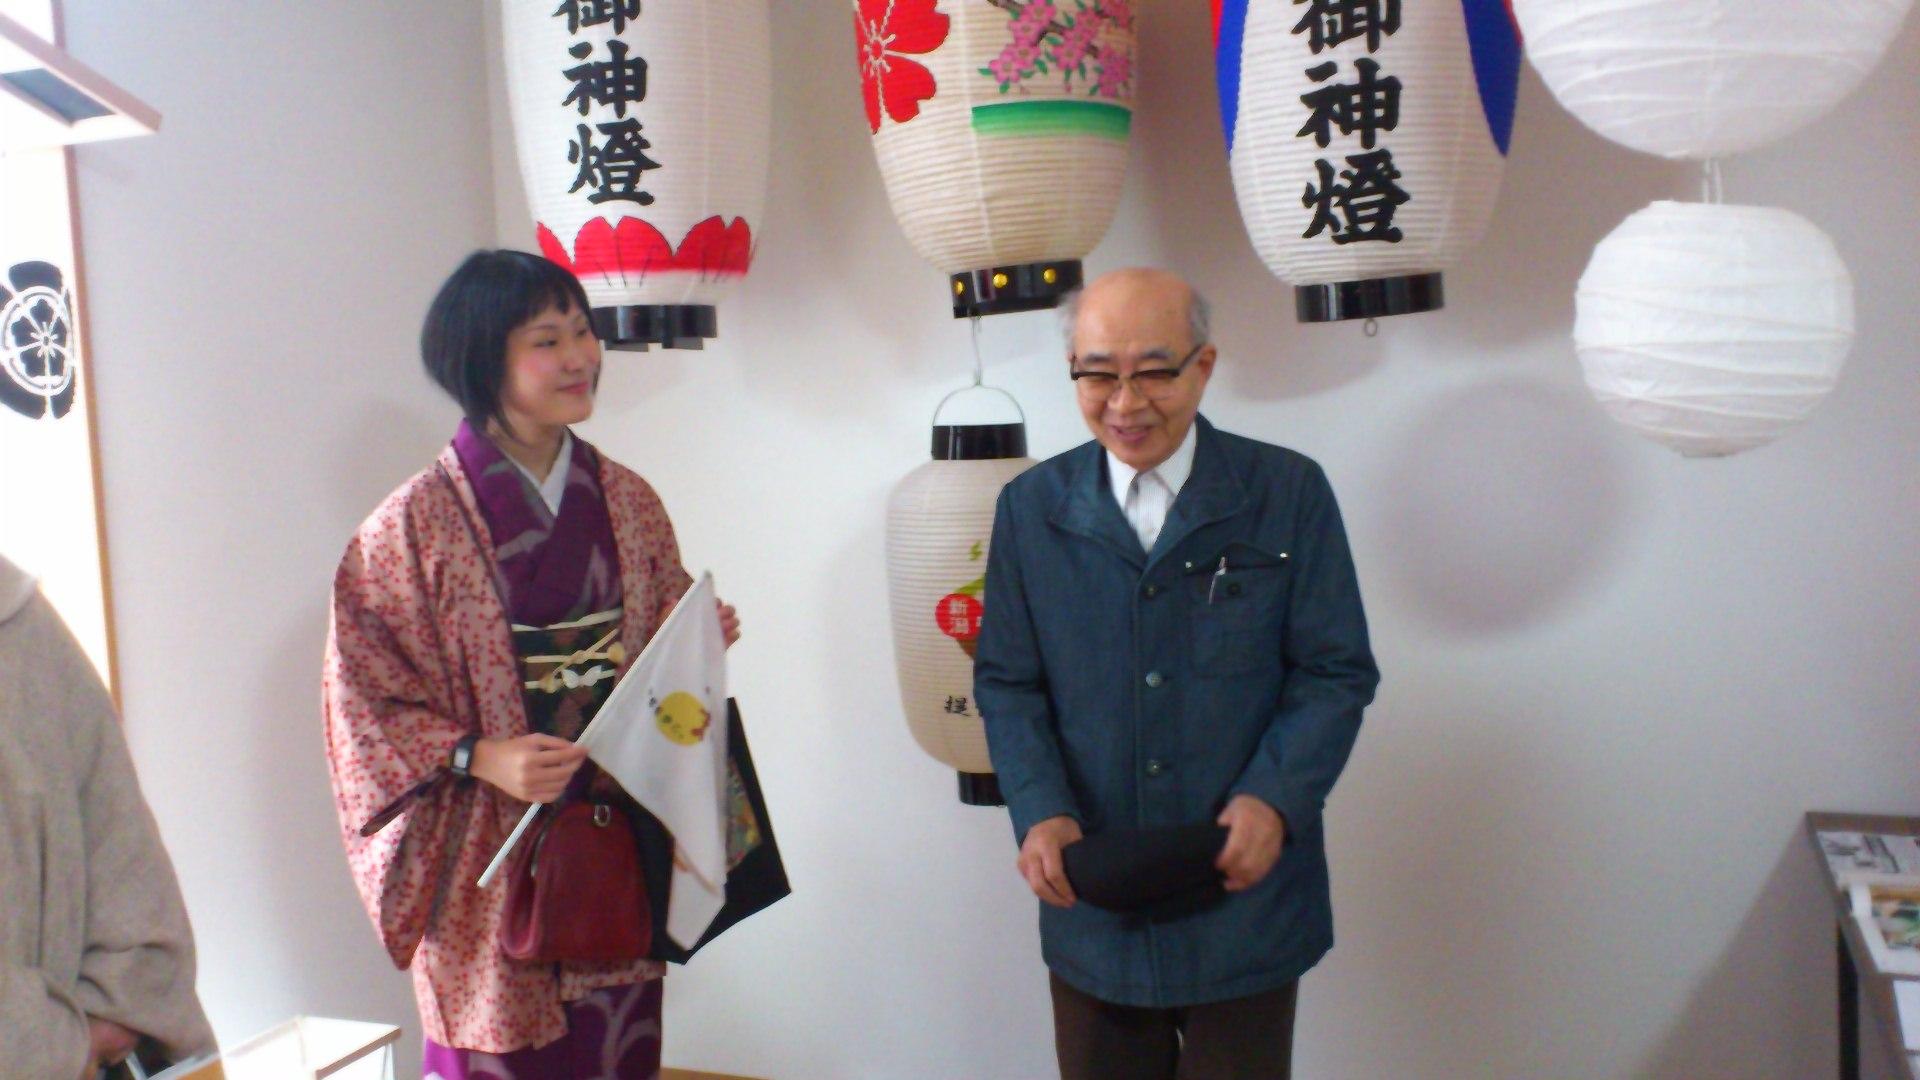 ふだんぎ着物で、仏光寺周辺の和モノ屋めぐり まいまい京都さんのまちあるきに参加してきました